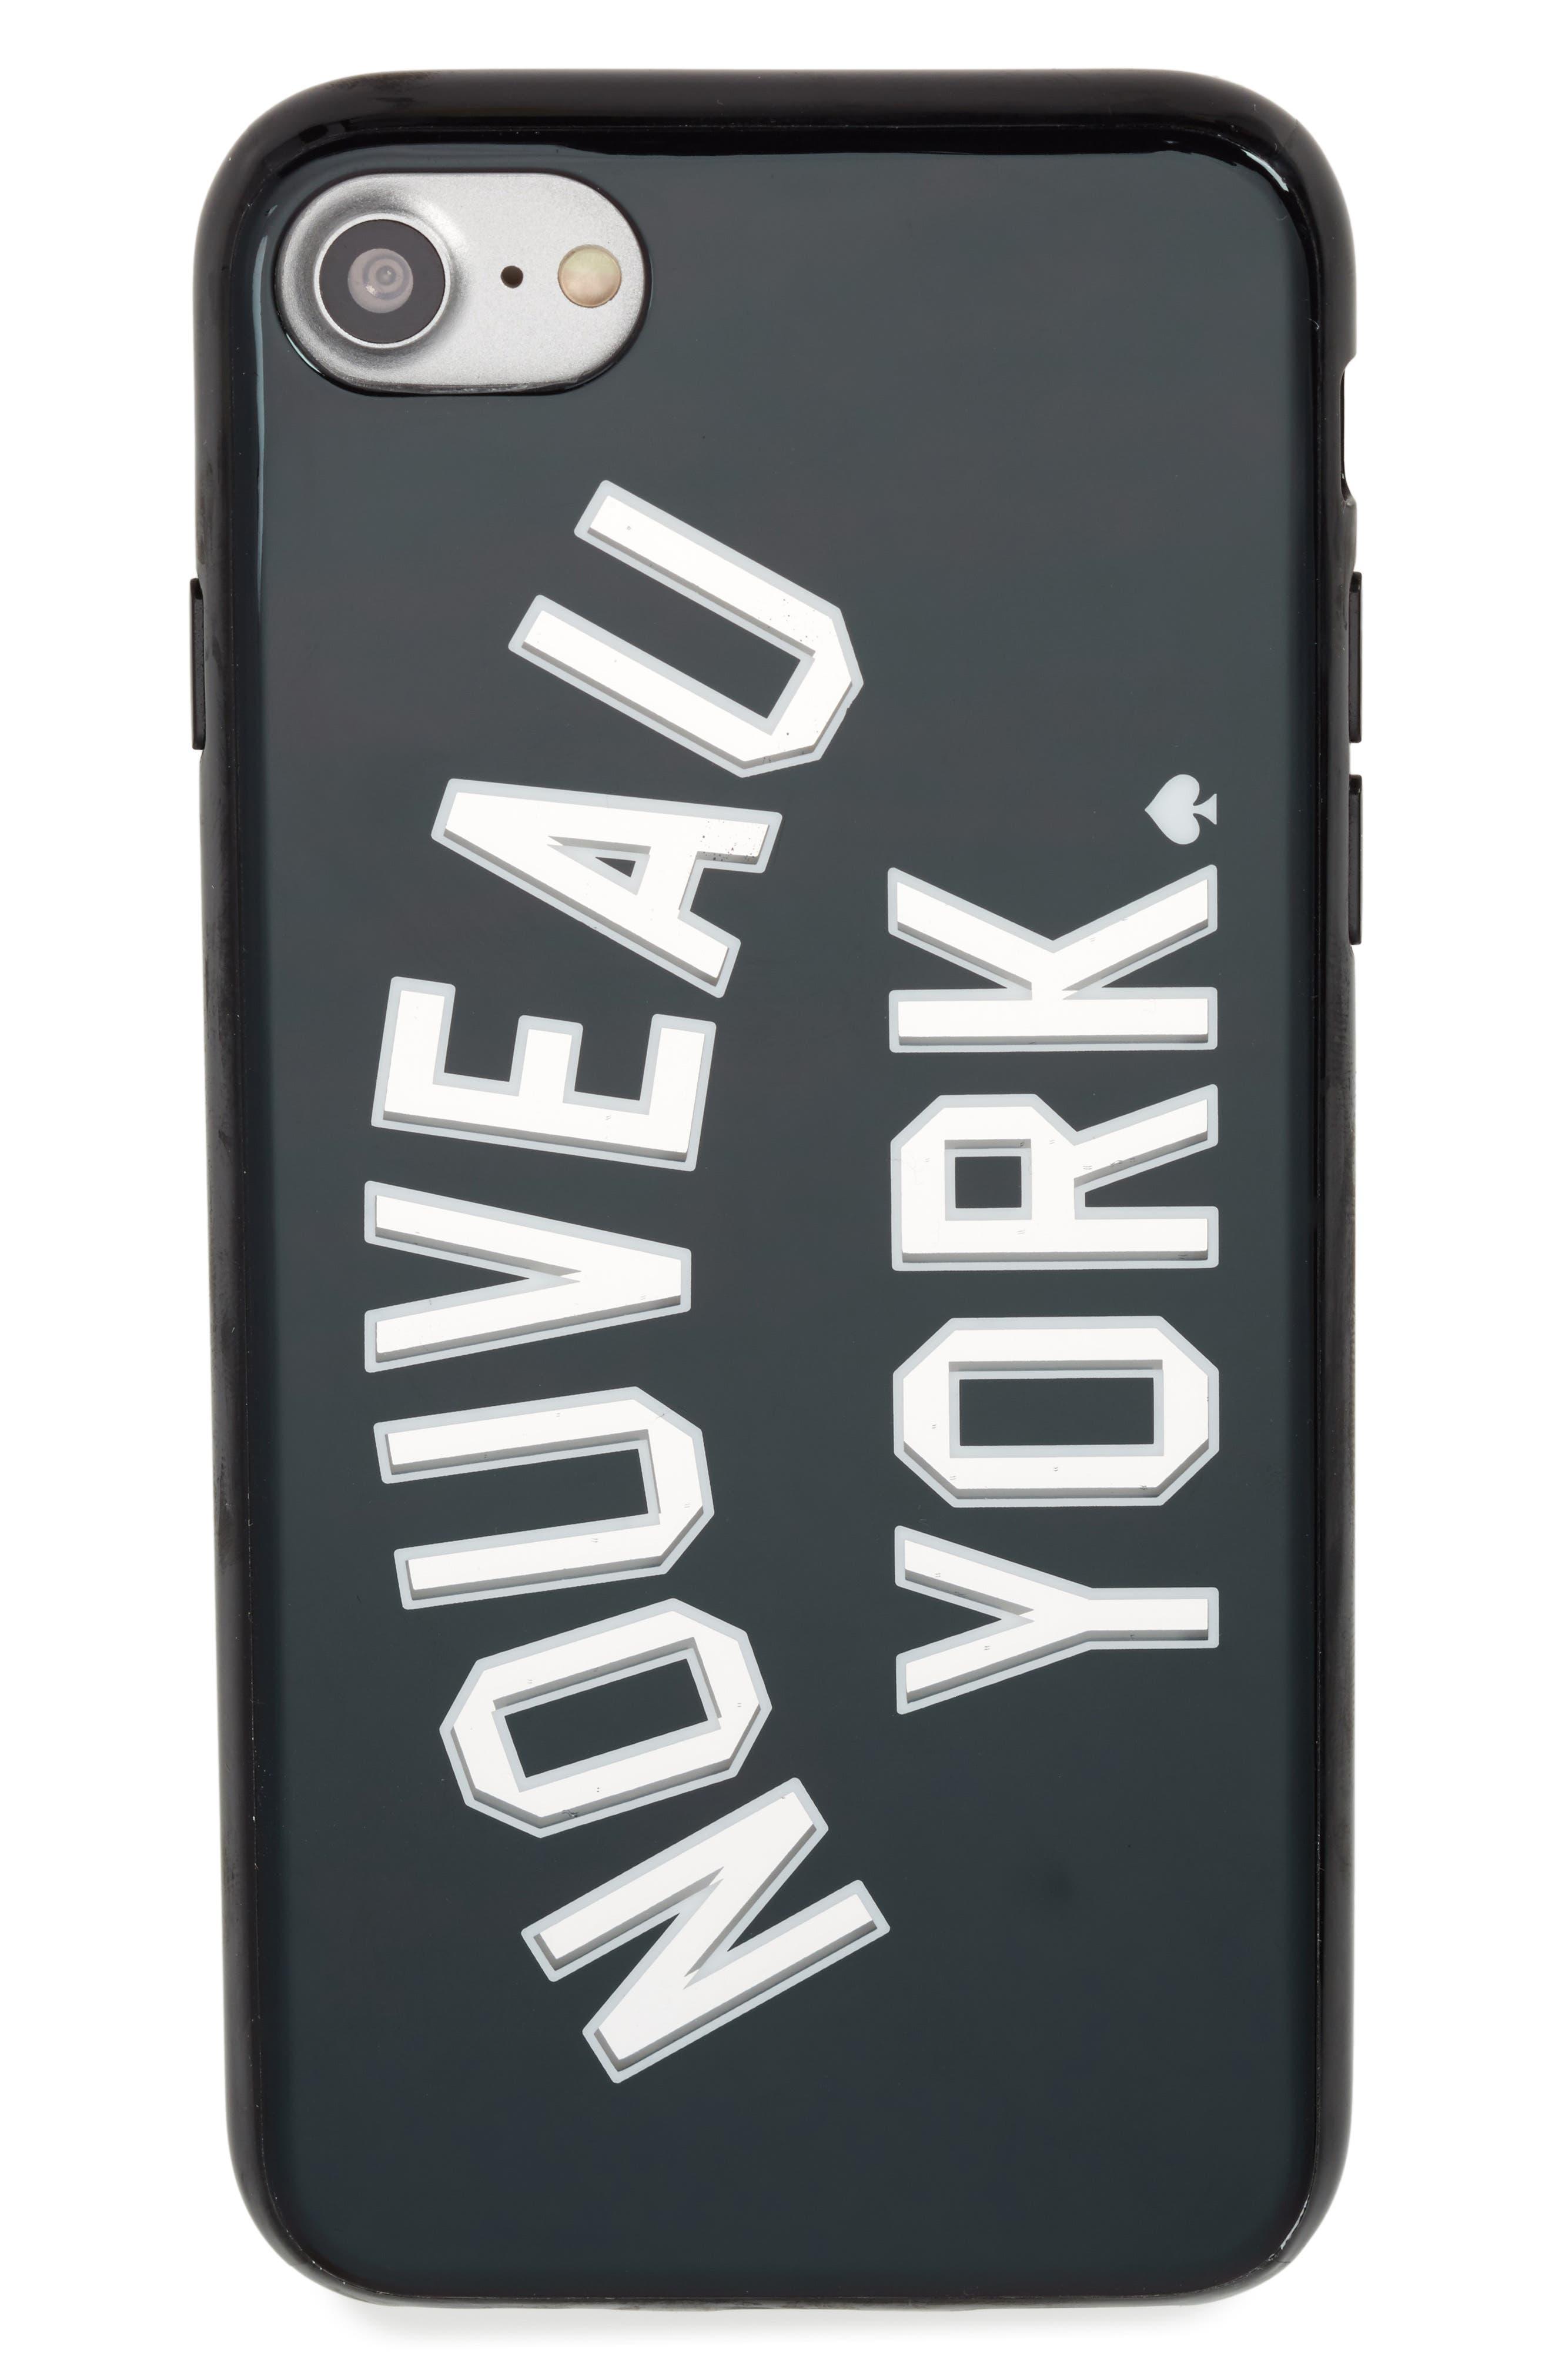 nouveau york iPhone 7/8 & 7/8 Plus case,                         Main,                         color, 038